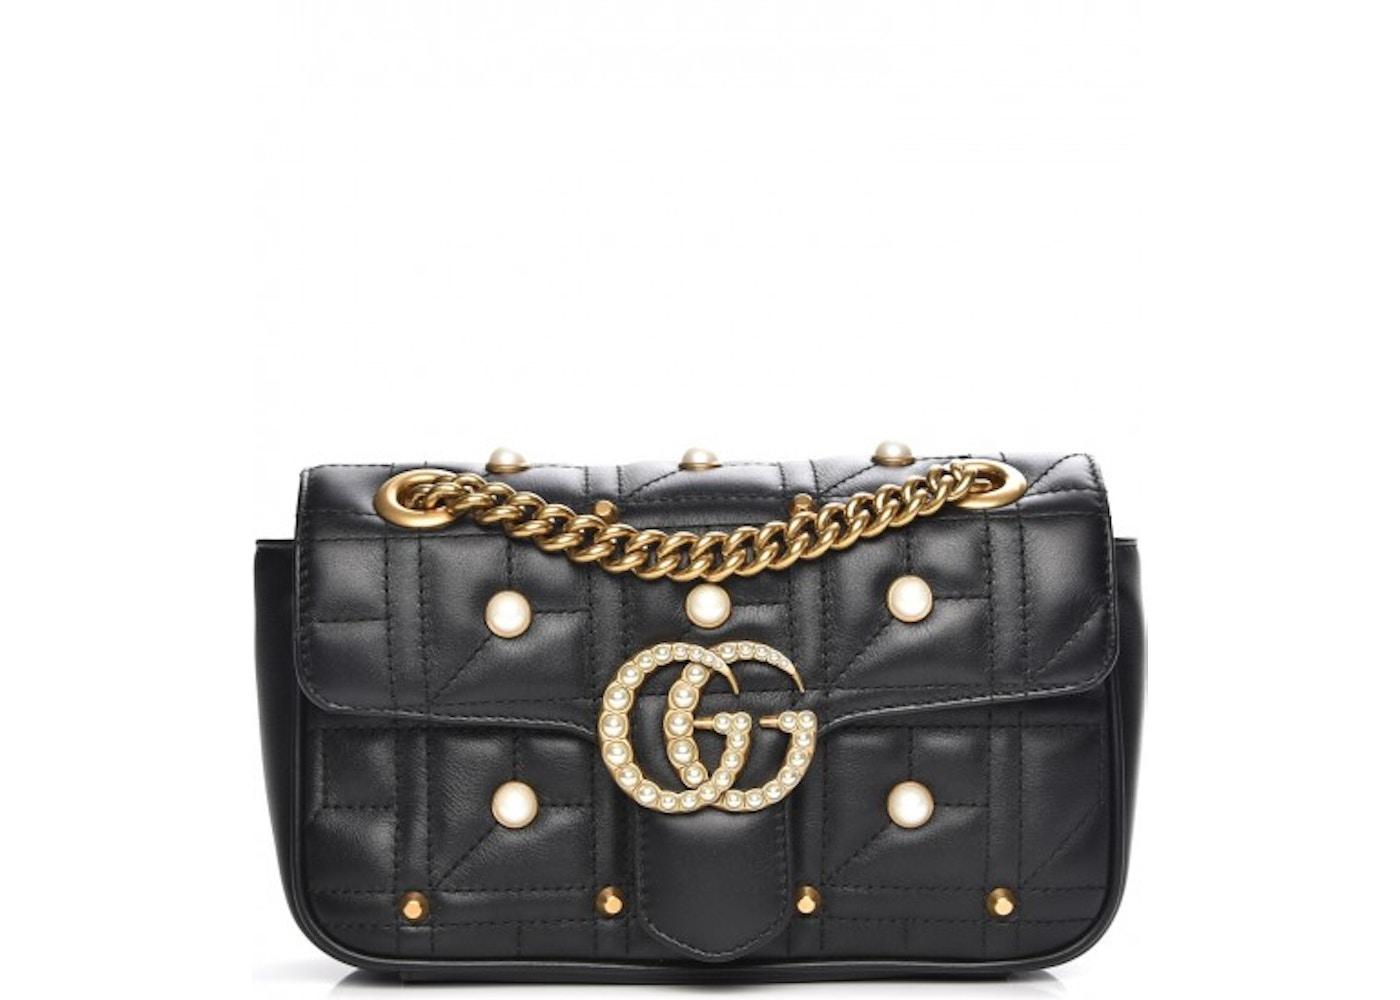 7684ddbdcaf3 Gucci Marmont Shoulder Bag Matelasse Pearl Studded Mini Black. Matelasse  Pearl Studded Mini Black